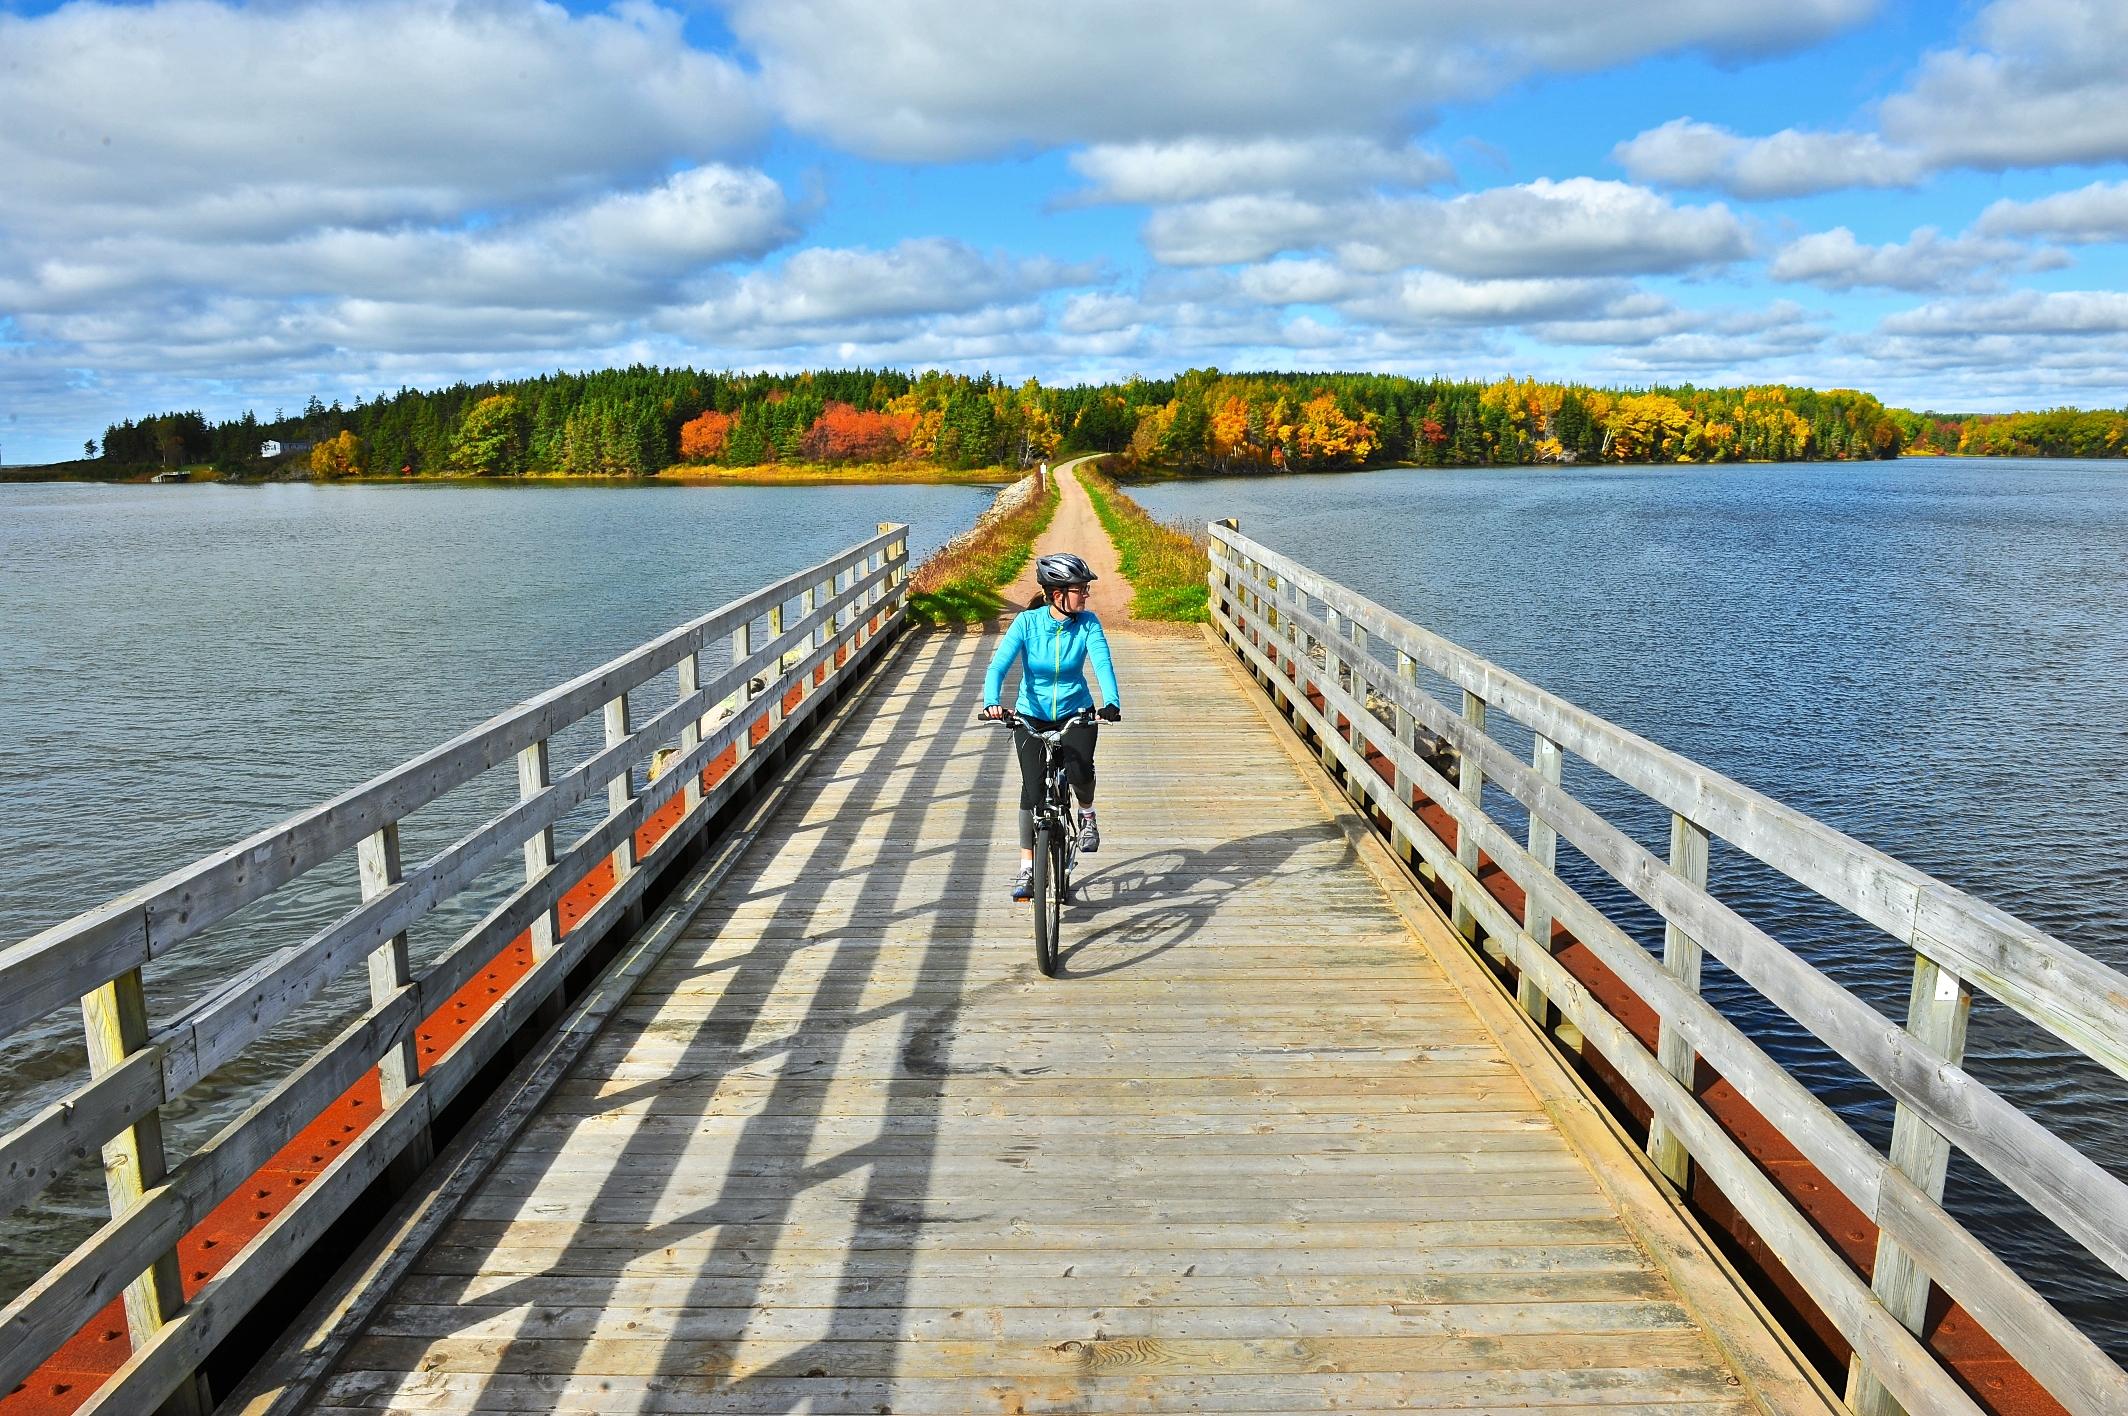 Die Landpartie Radeln und Reisen in Kanada